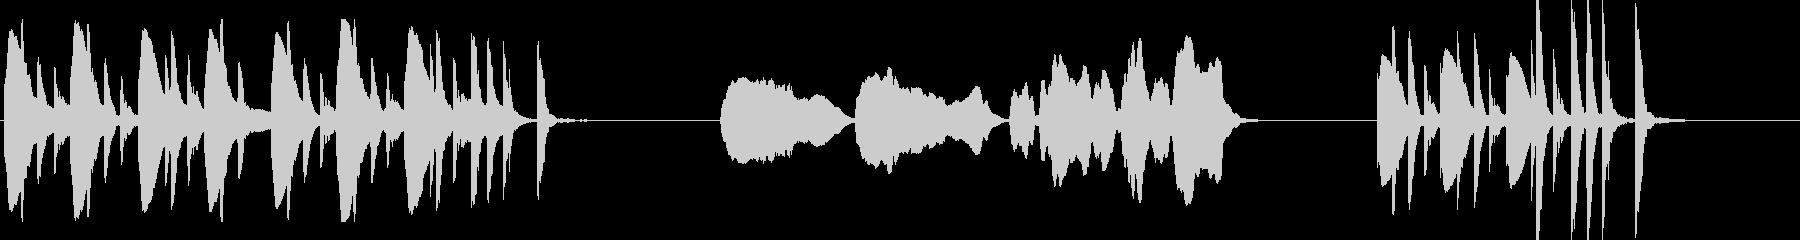 孤独のグルメ風なコミカル木琴とフルートの未再生の波形